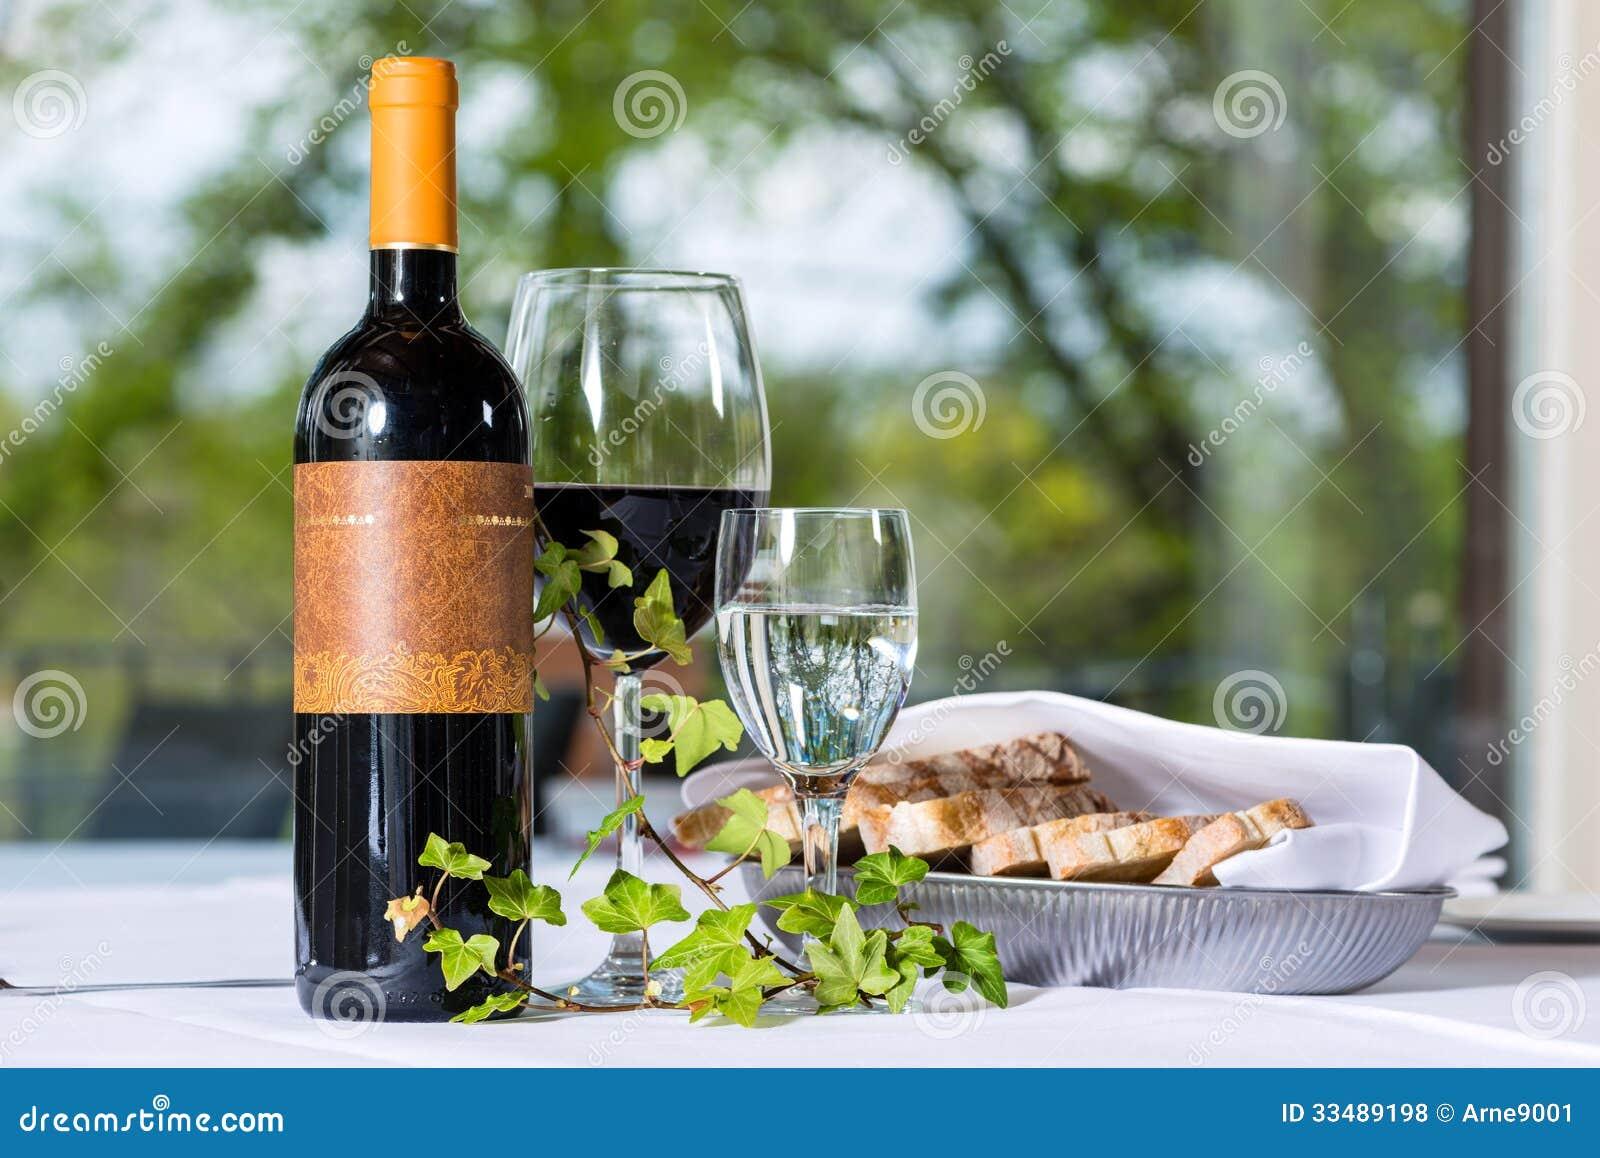 Vin rouge avec la bouteille et le verre sur une table for Ordre des verres sur la table